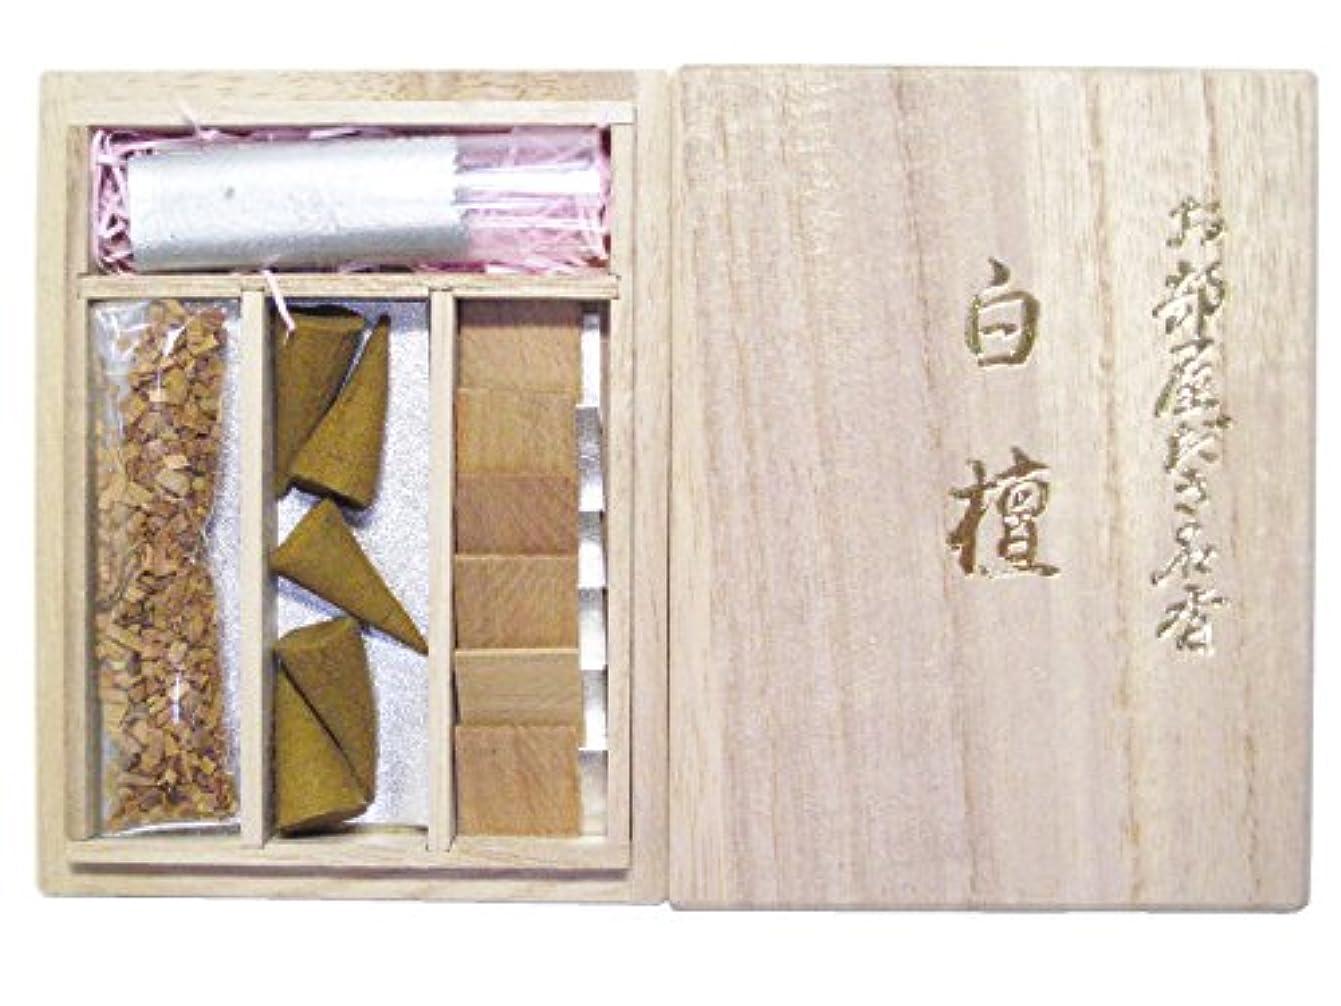 ライドペン舗装する淡路梅薫堂の白檀木お香 ( 刻み コーン 分割 ) 白檀詰め合わせ 桐箱 #605